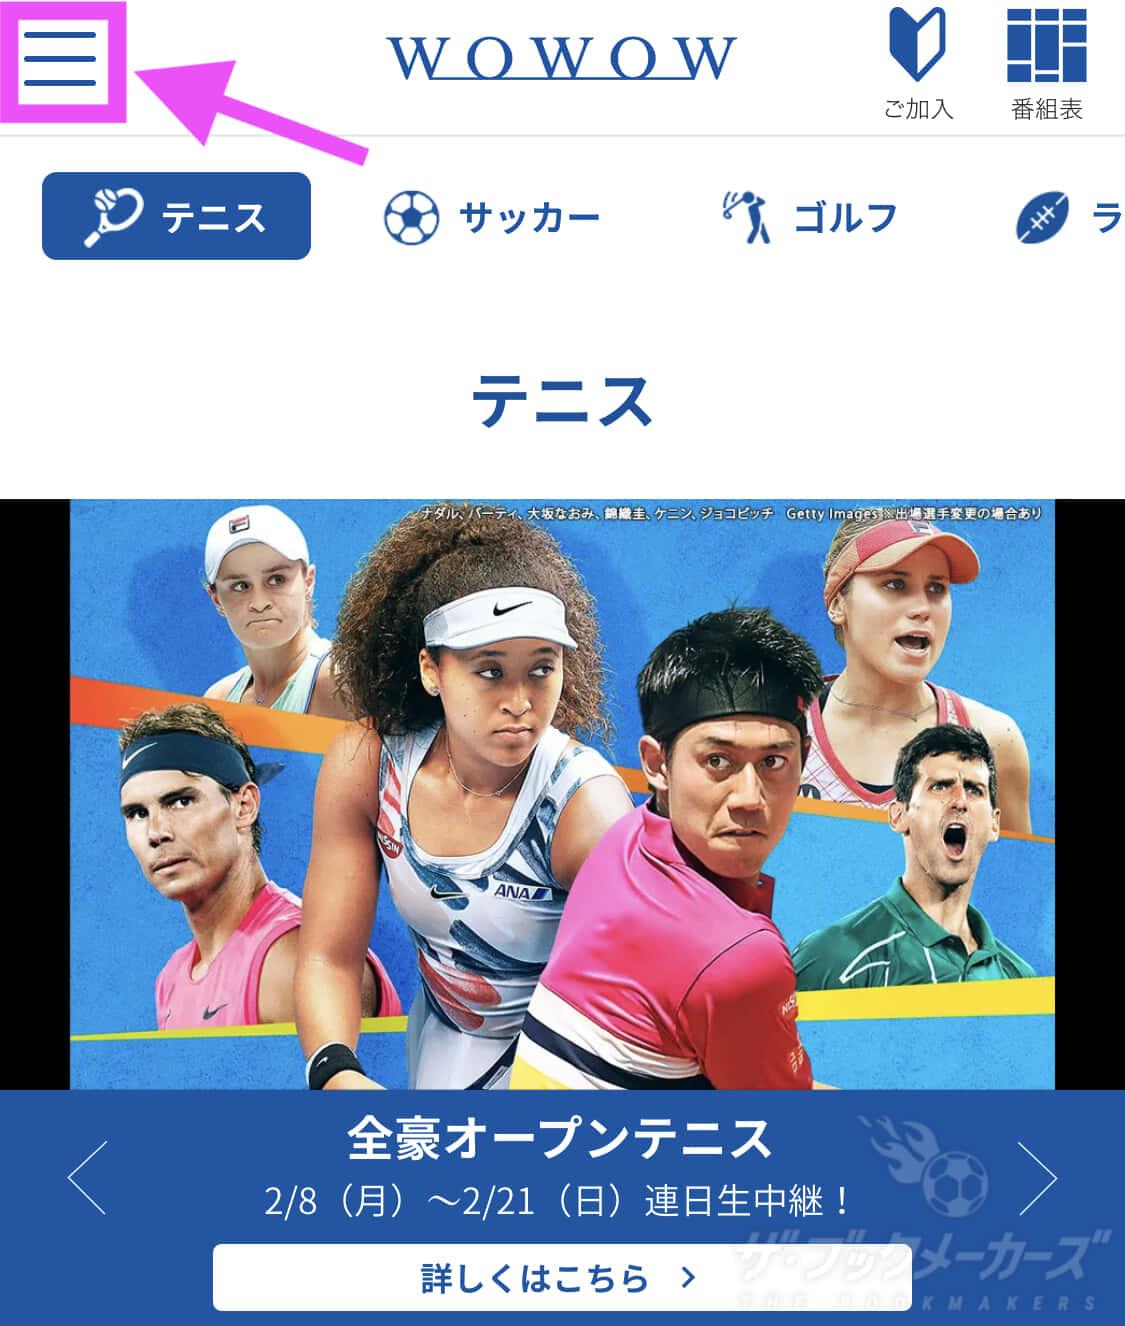 テニスWOWOW登録